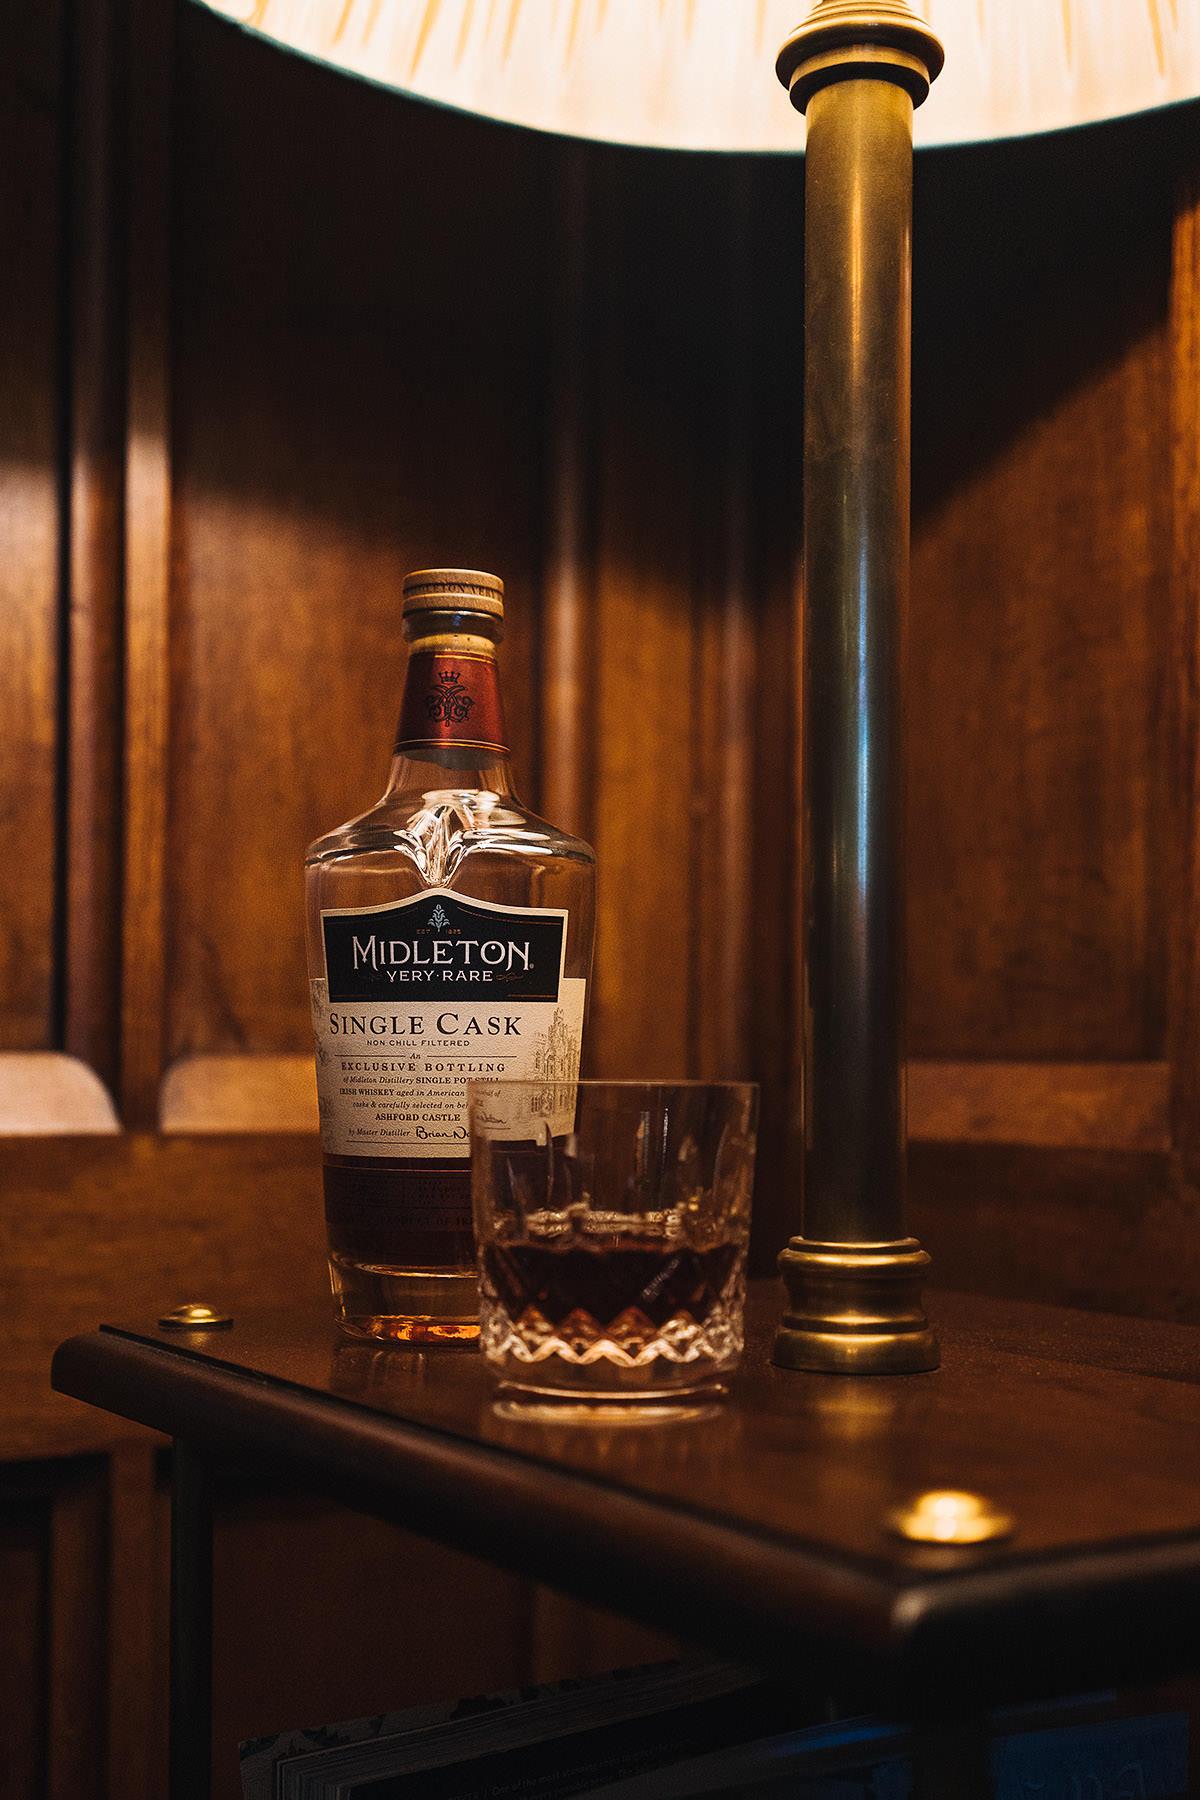 ashford-castle-hotel-ireland-midleton-whiskey-02.jpg